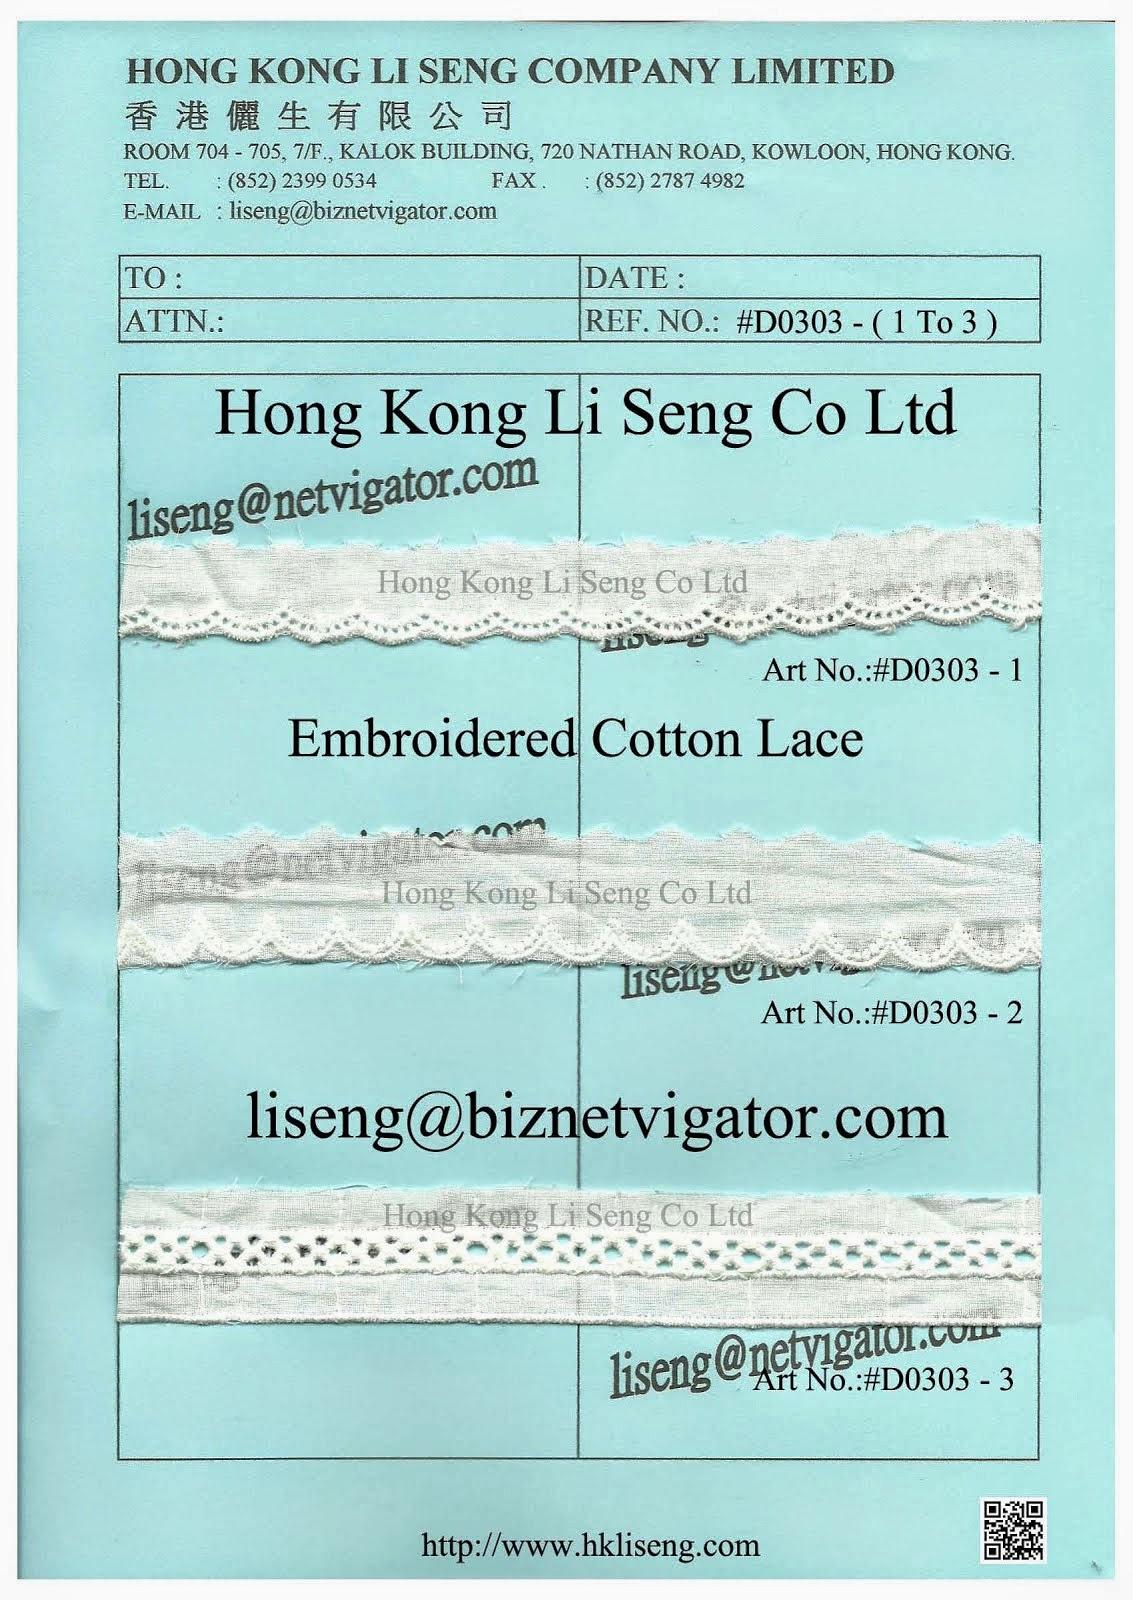 Apparel Trims Supplier and Manufacturer - Hong Kong Li Seng Co Ltd